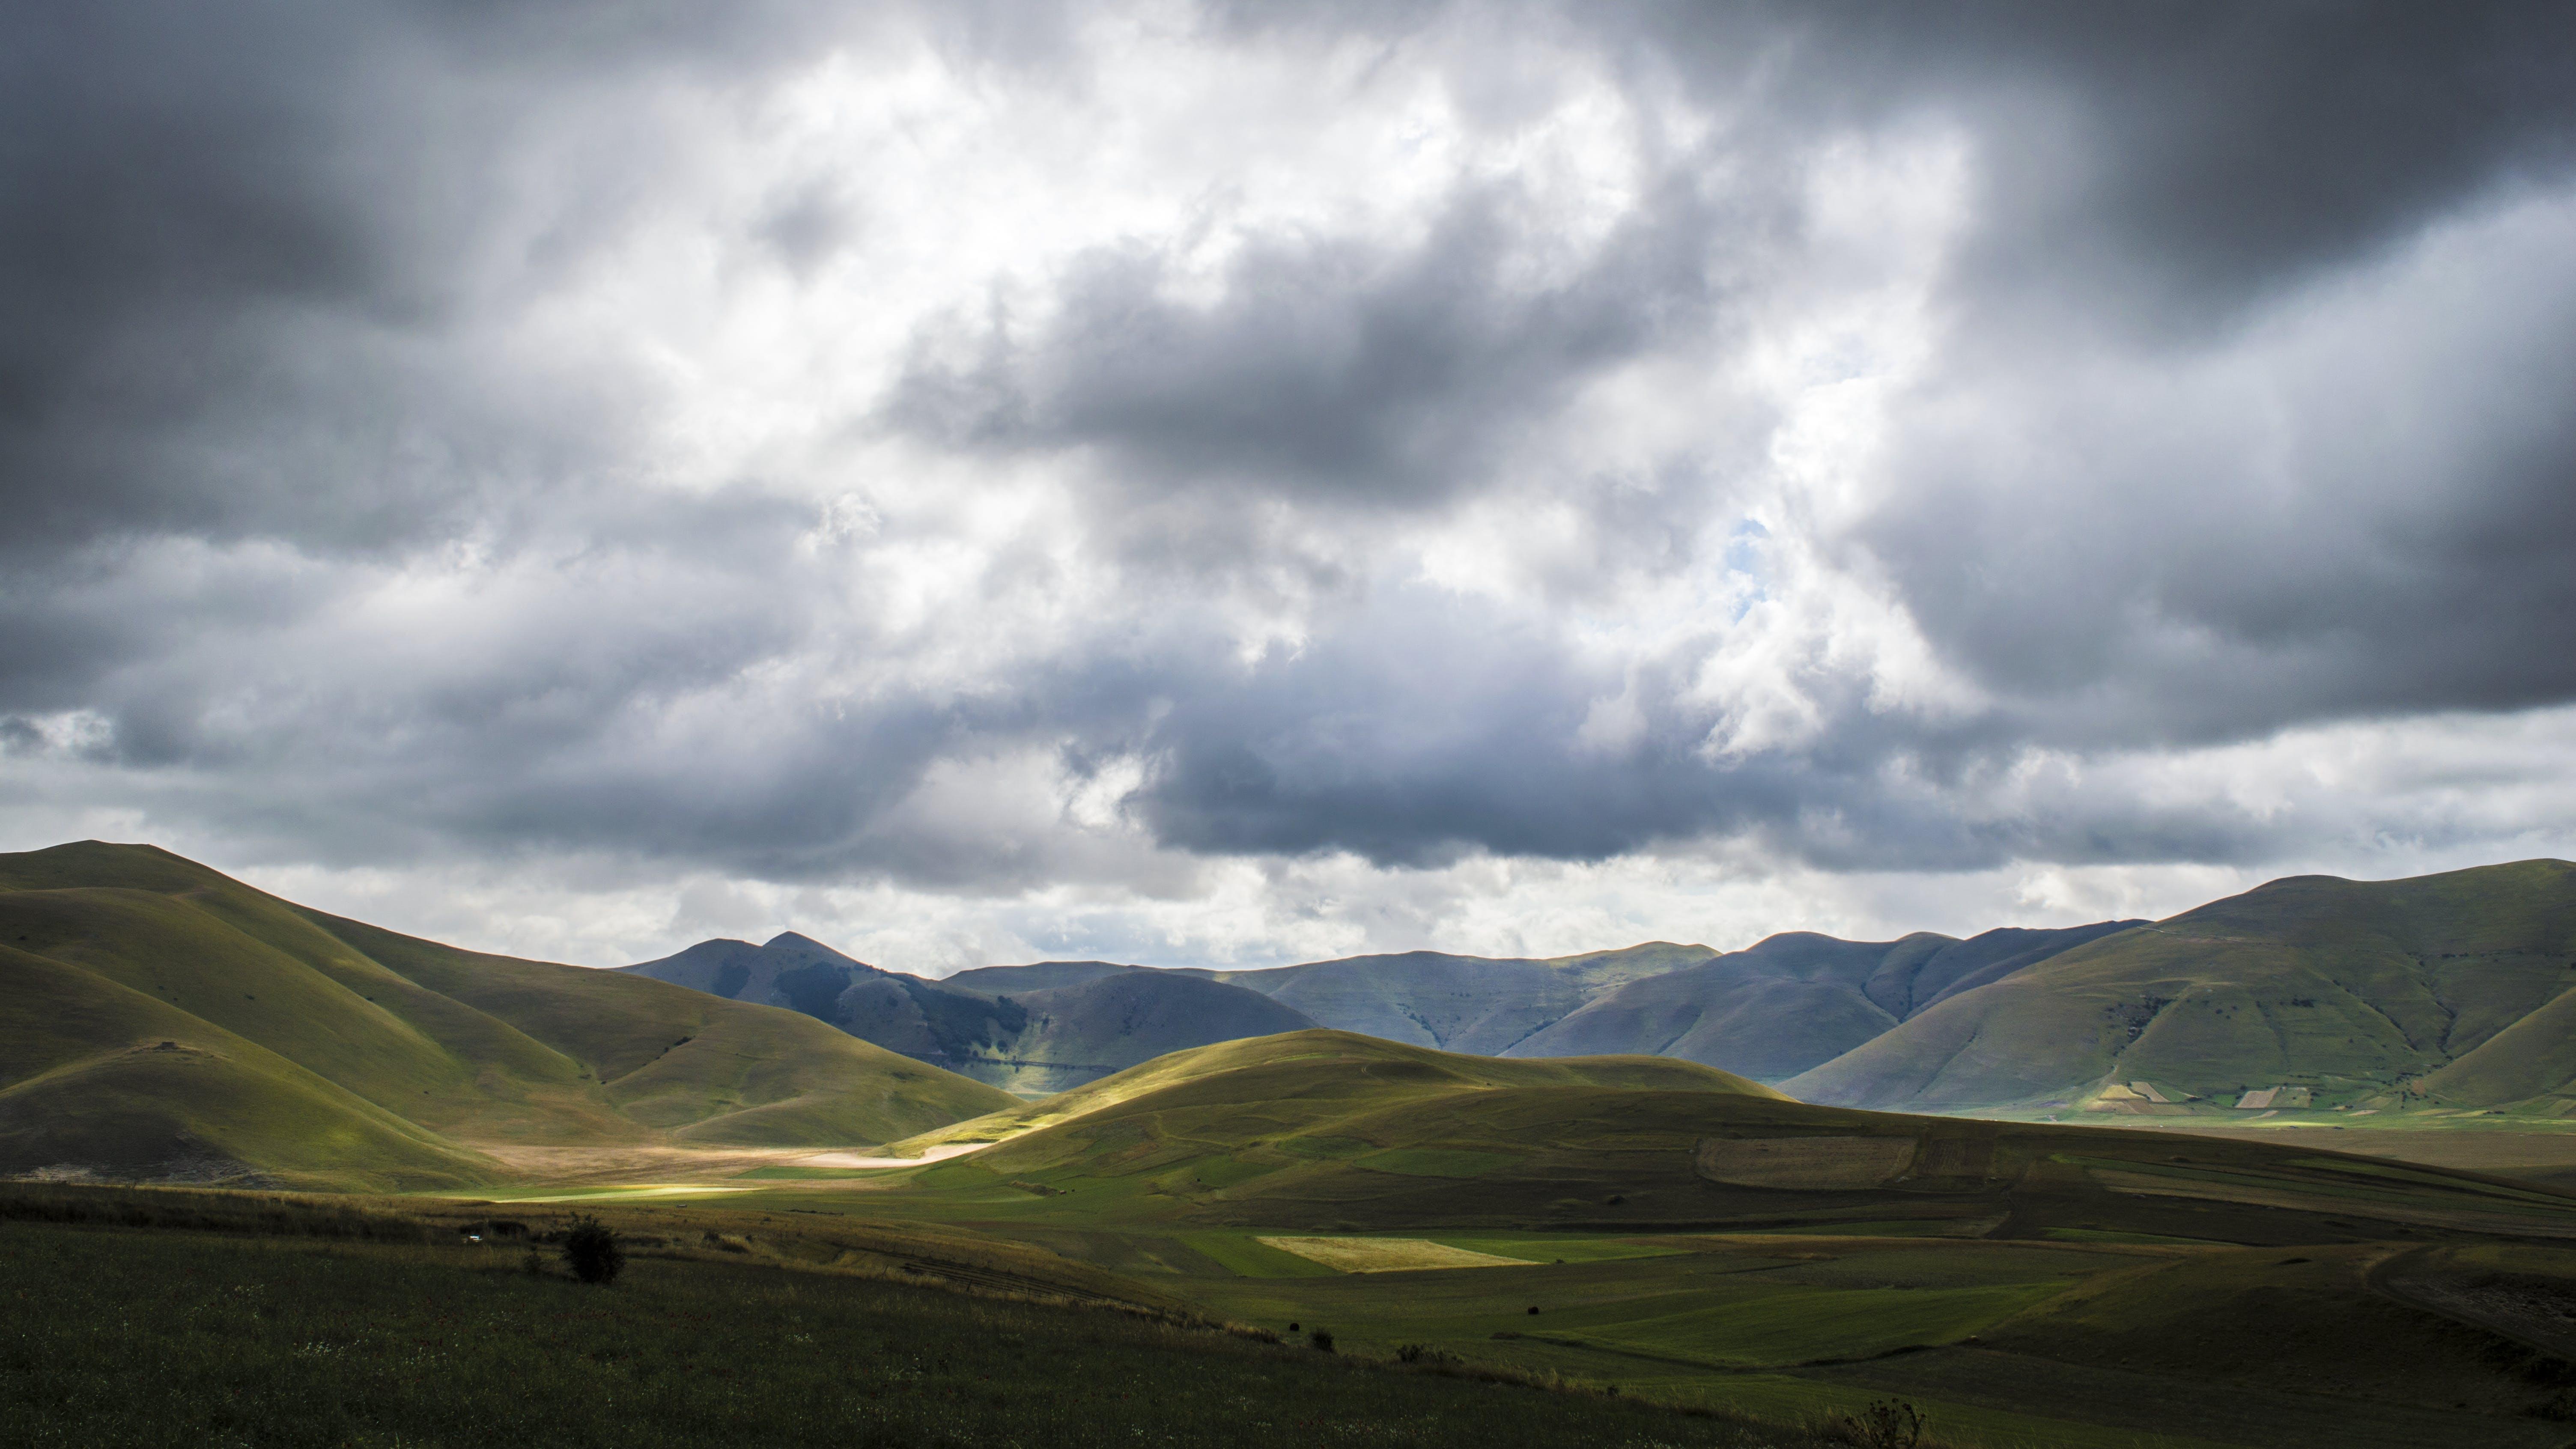 Δωρεάν στοκ φωτογραφιών με αυγή, βουνό, γήπεδο, γρασίδι